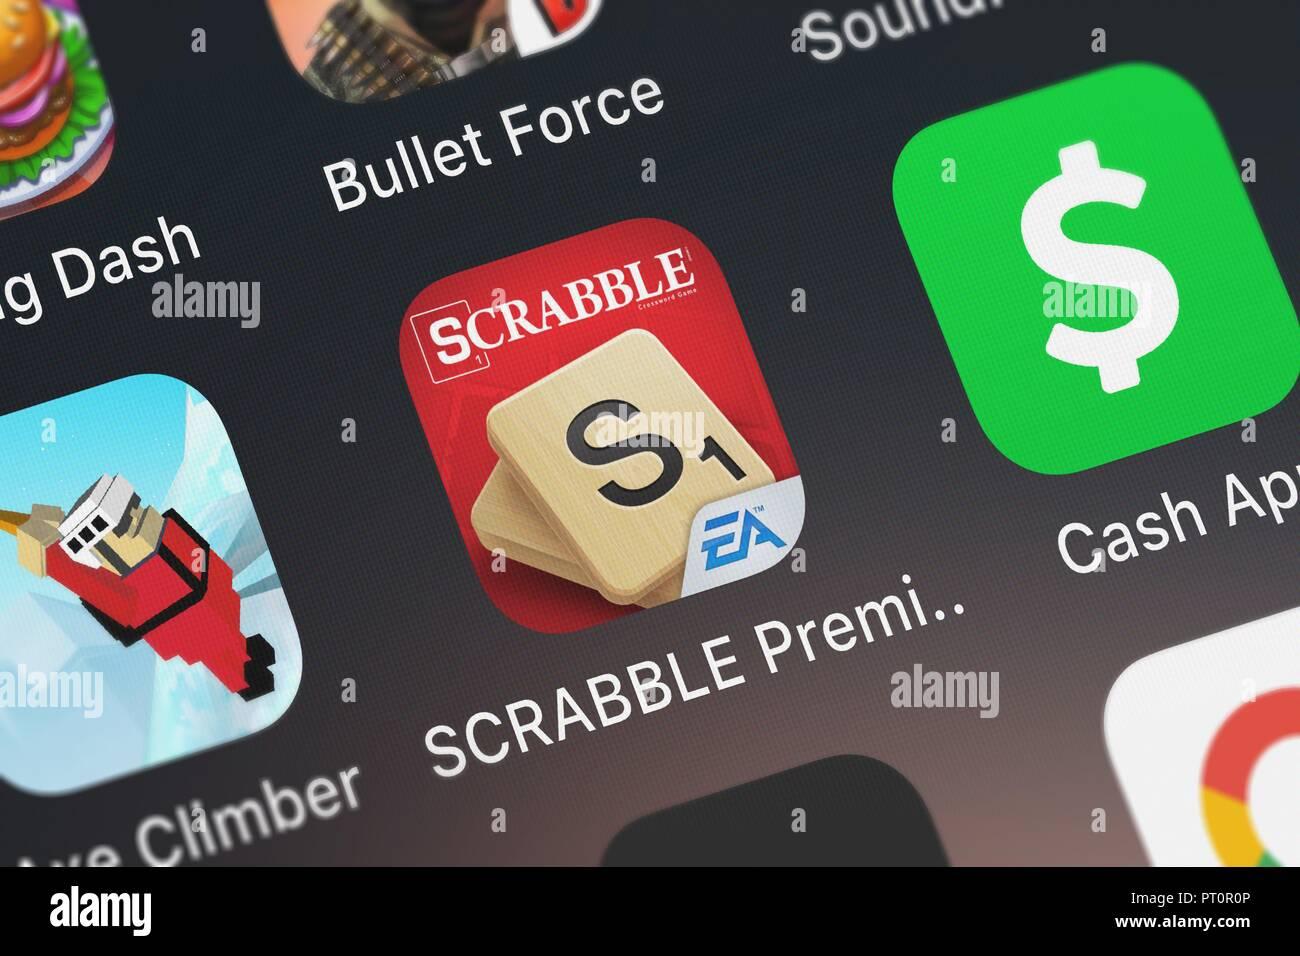 Londres, Royaume-Uni - Octobre 05, 2018: Capture d'Electronic Arts mobile app Prime SCRABBLE pour iPad. Banque D'Images